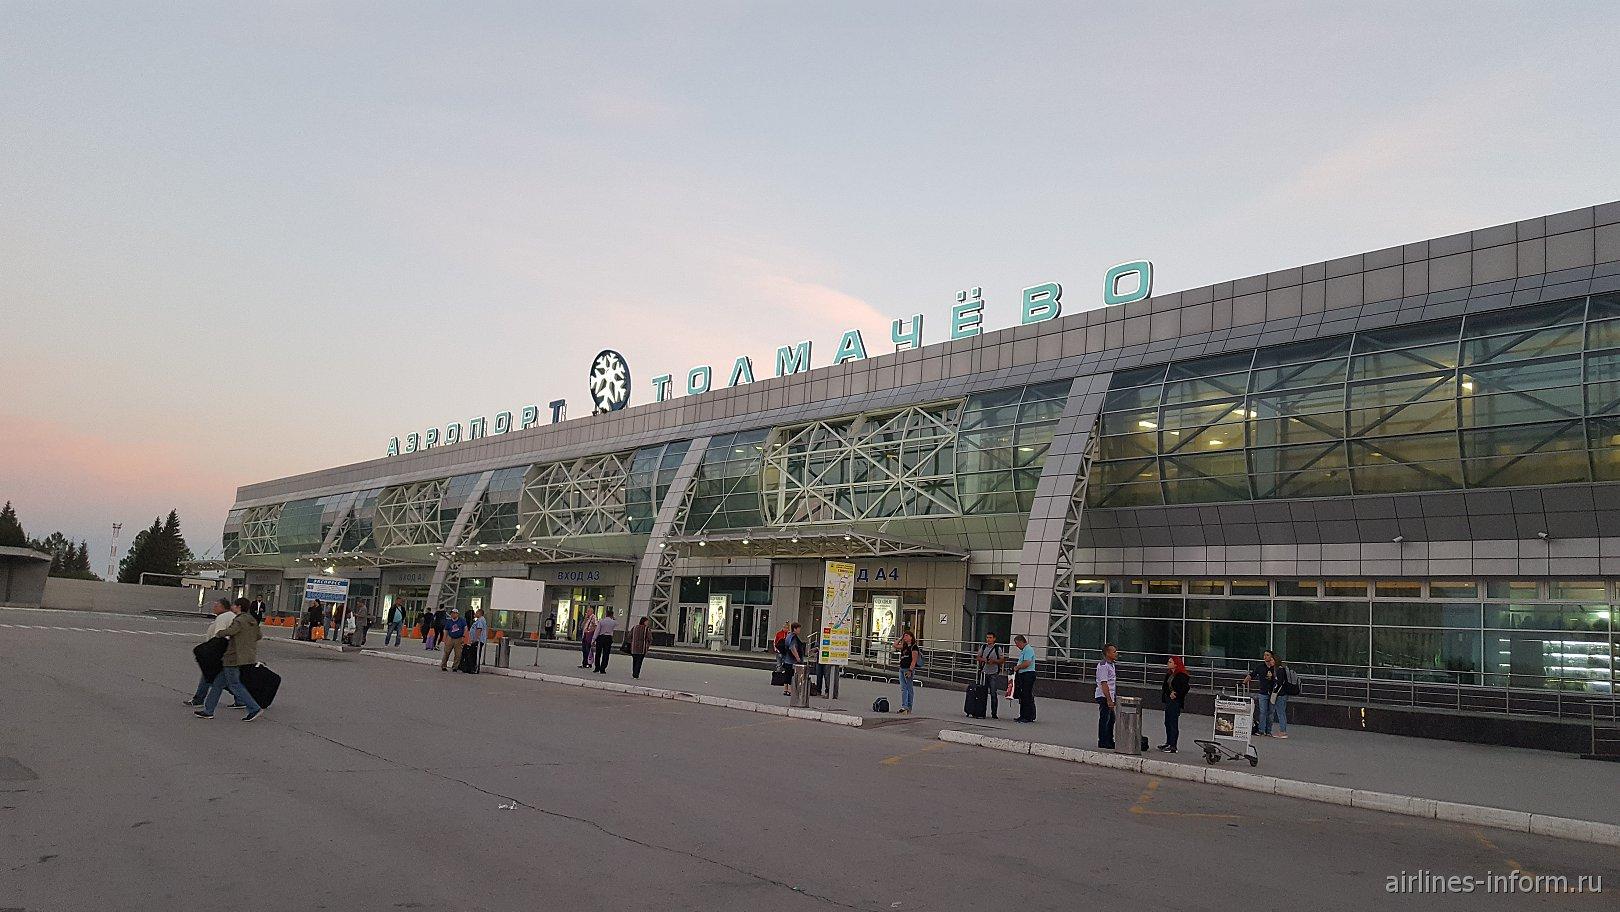 Новосибирск - Москва с Аэрофлотом